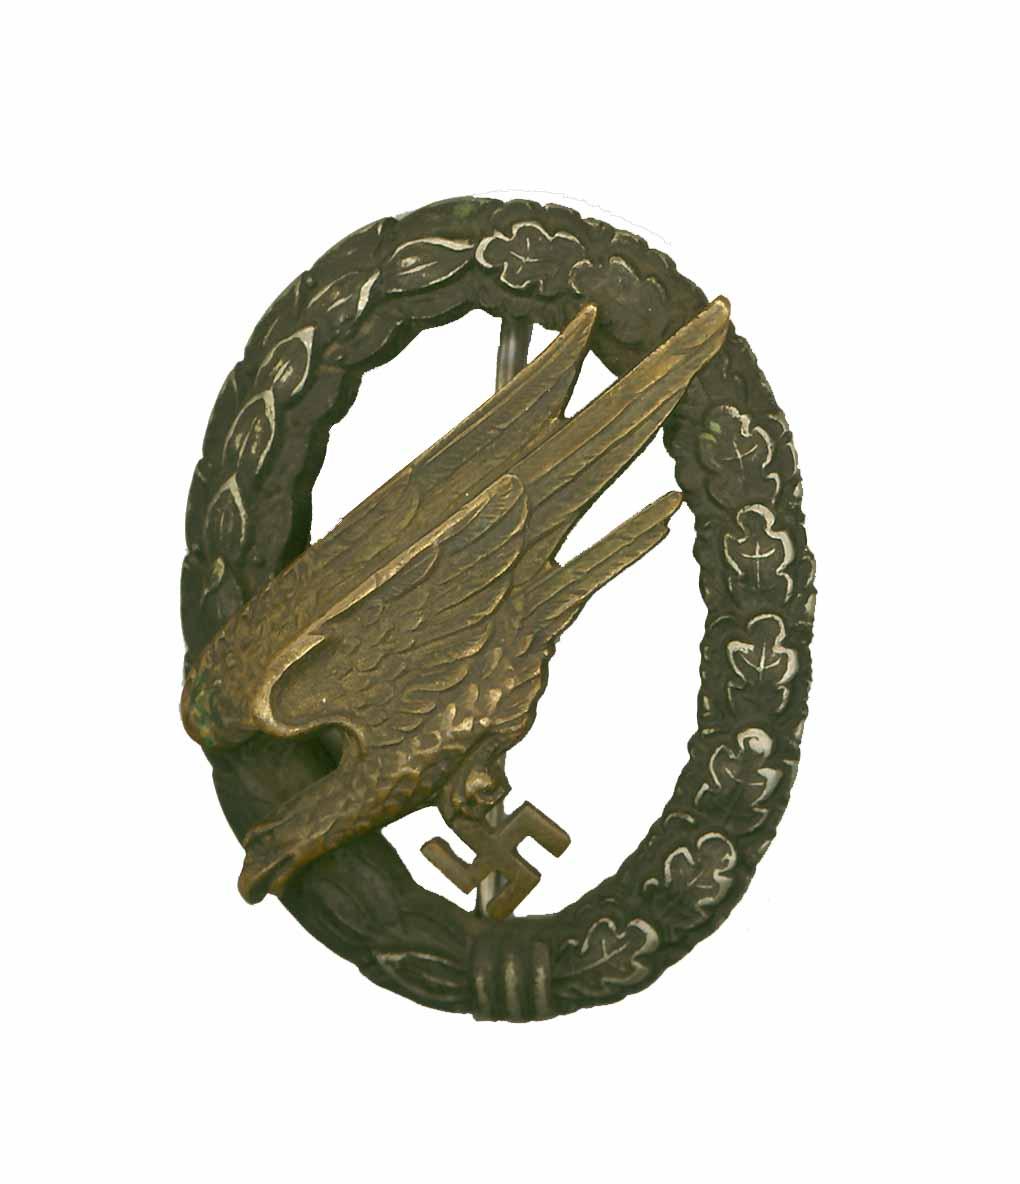 Odznaka Strzelca Spadochronowego Luftwaffe (Fallschirmschützenabzeichen der Luftwaffe)